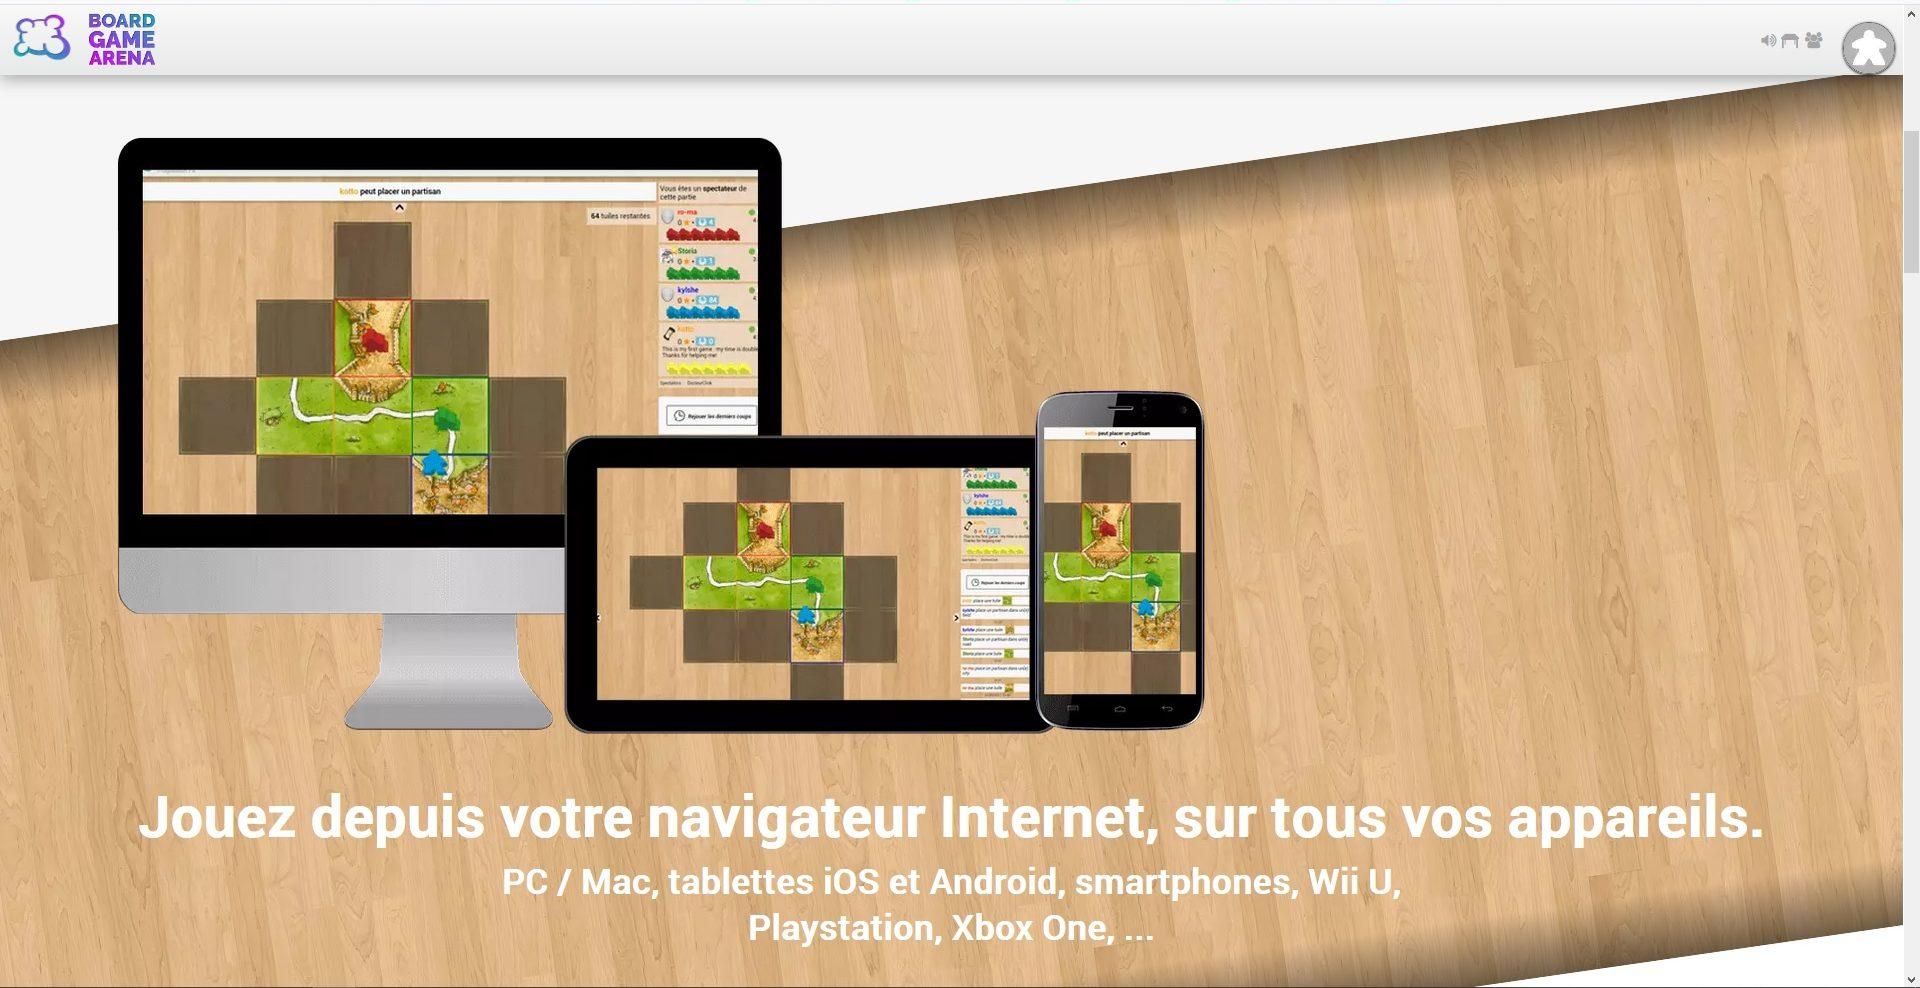 Board Game Arena | Présentation Jeu De Société Pour Confinement intérieur Jeux De Grand Gratuit